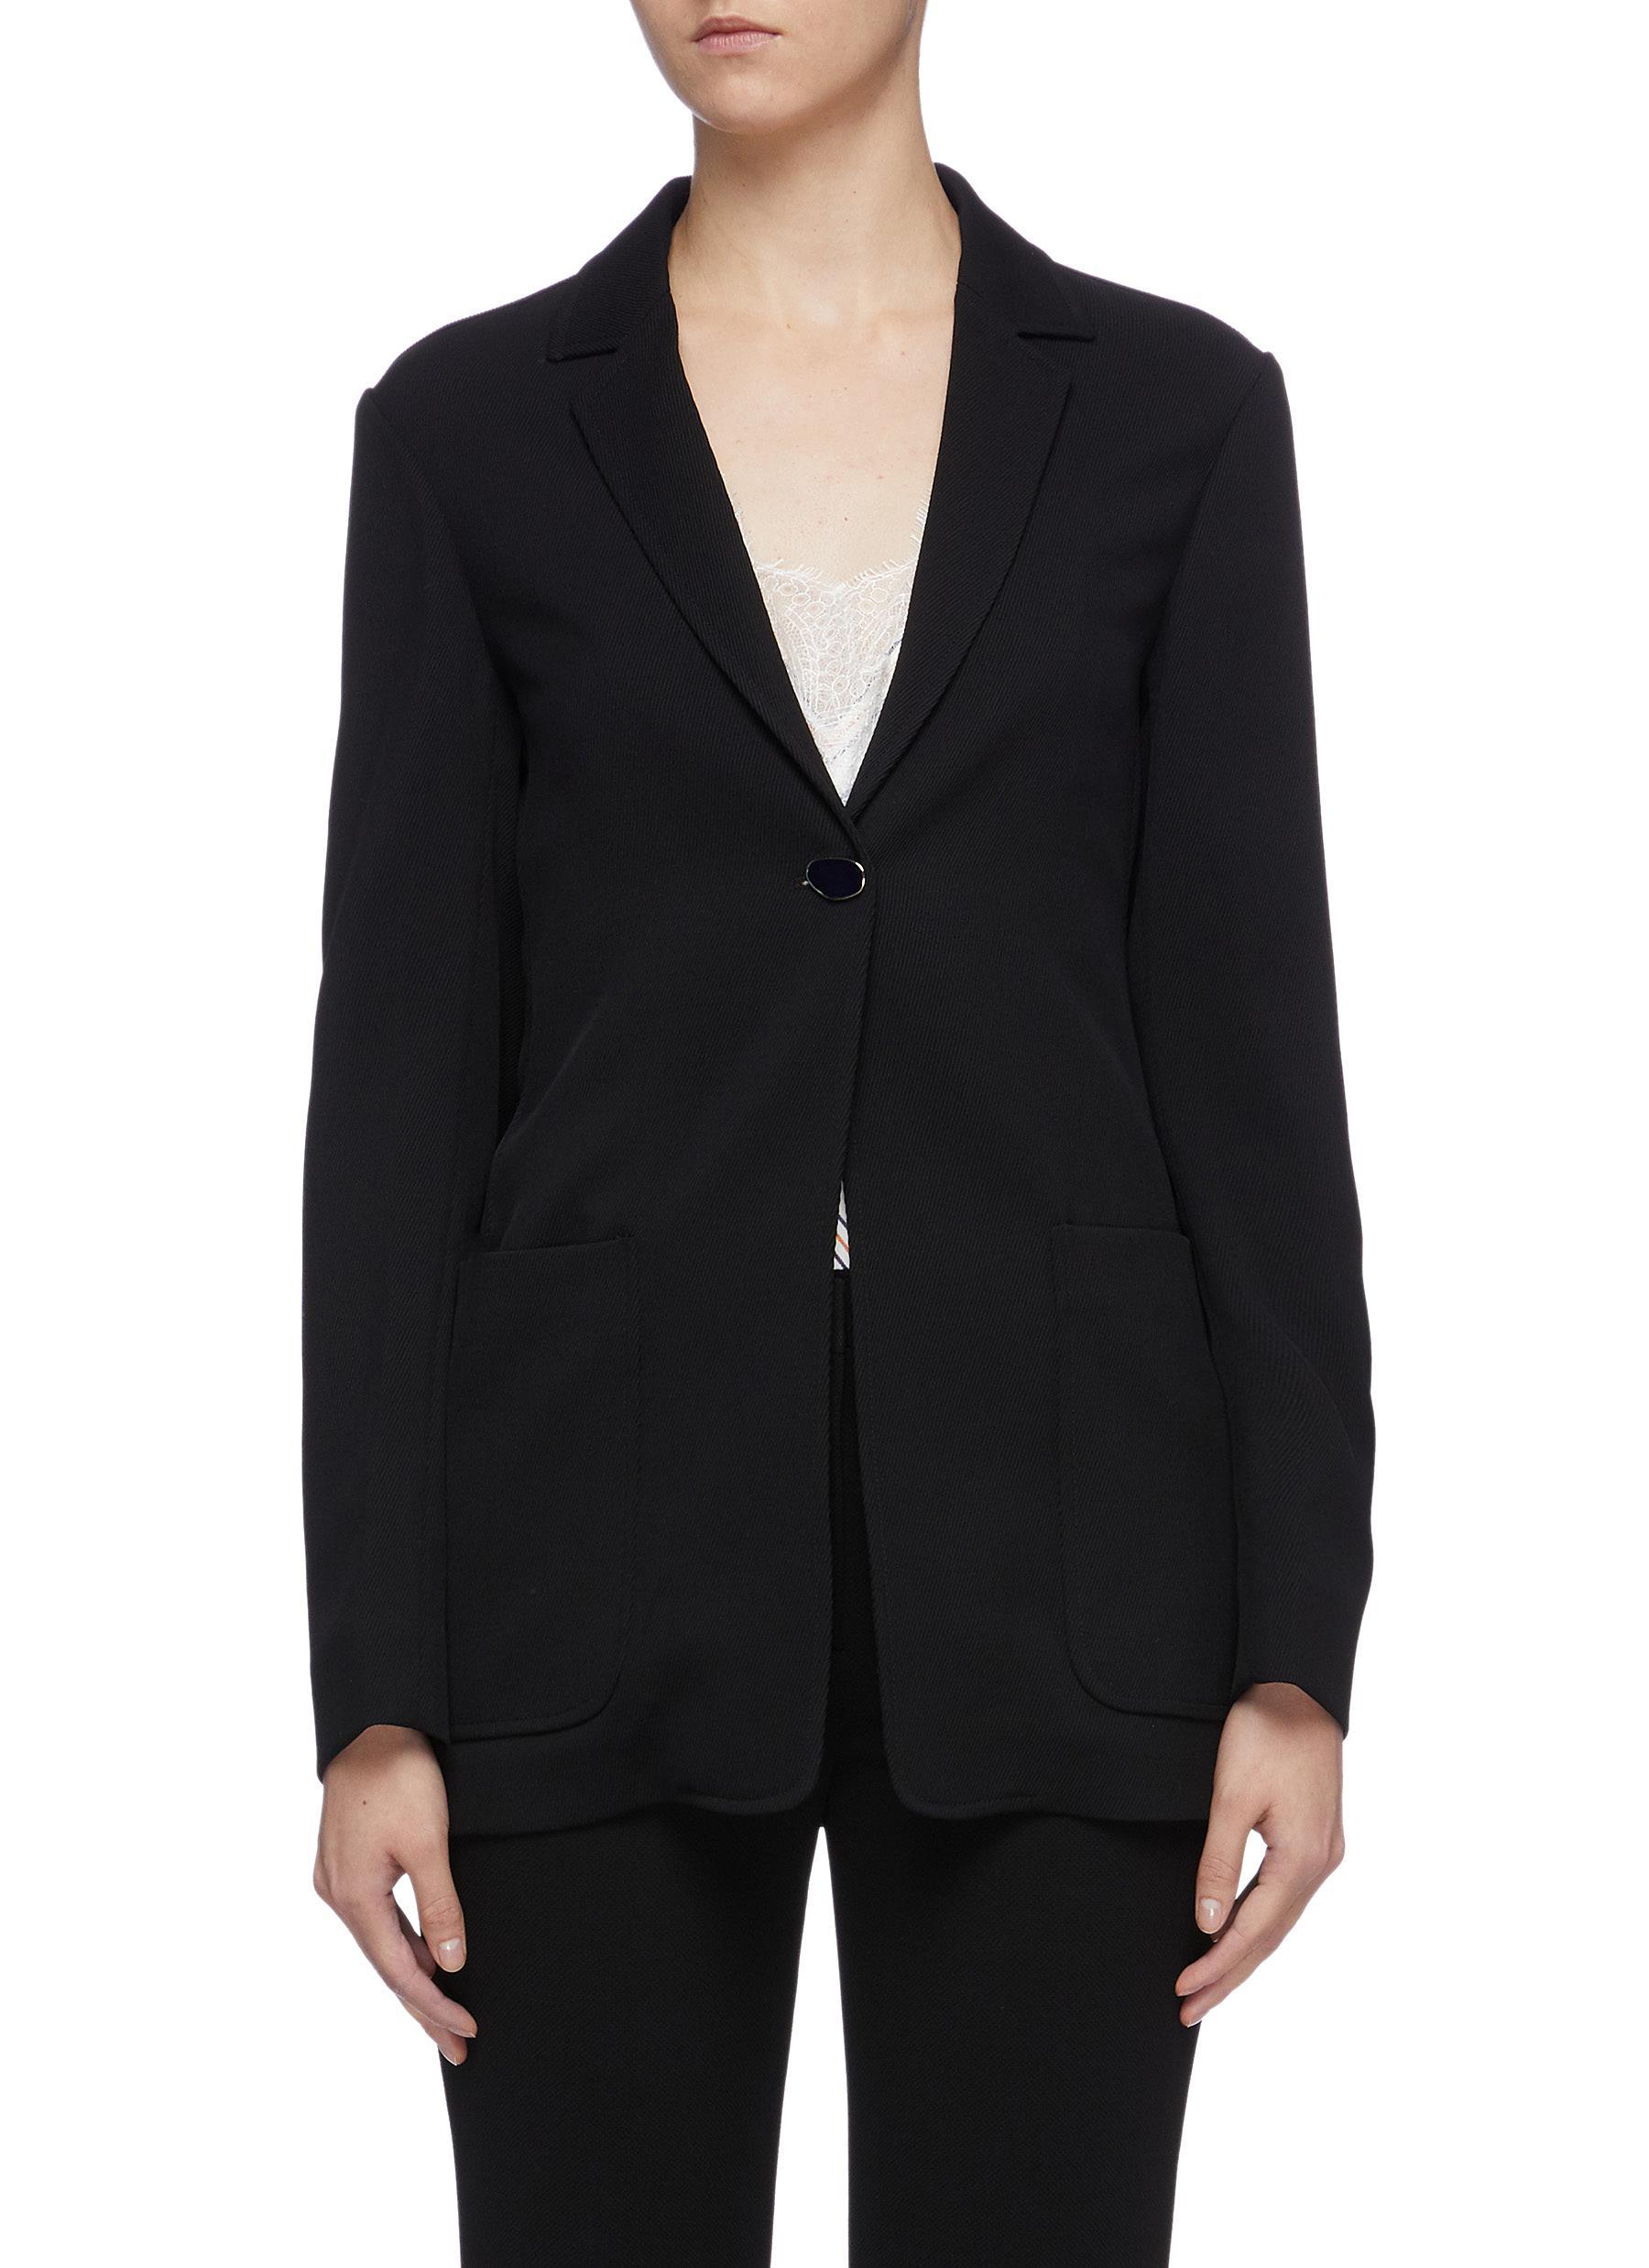 Patch pocket virgin wool twill blazer by Victoria Beckham